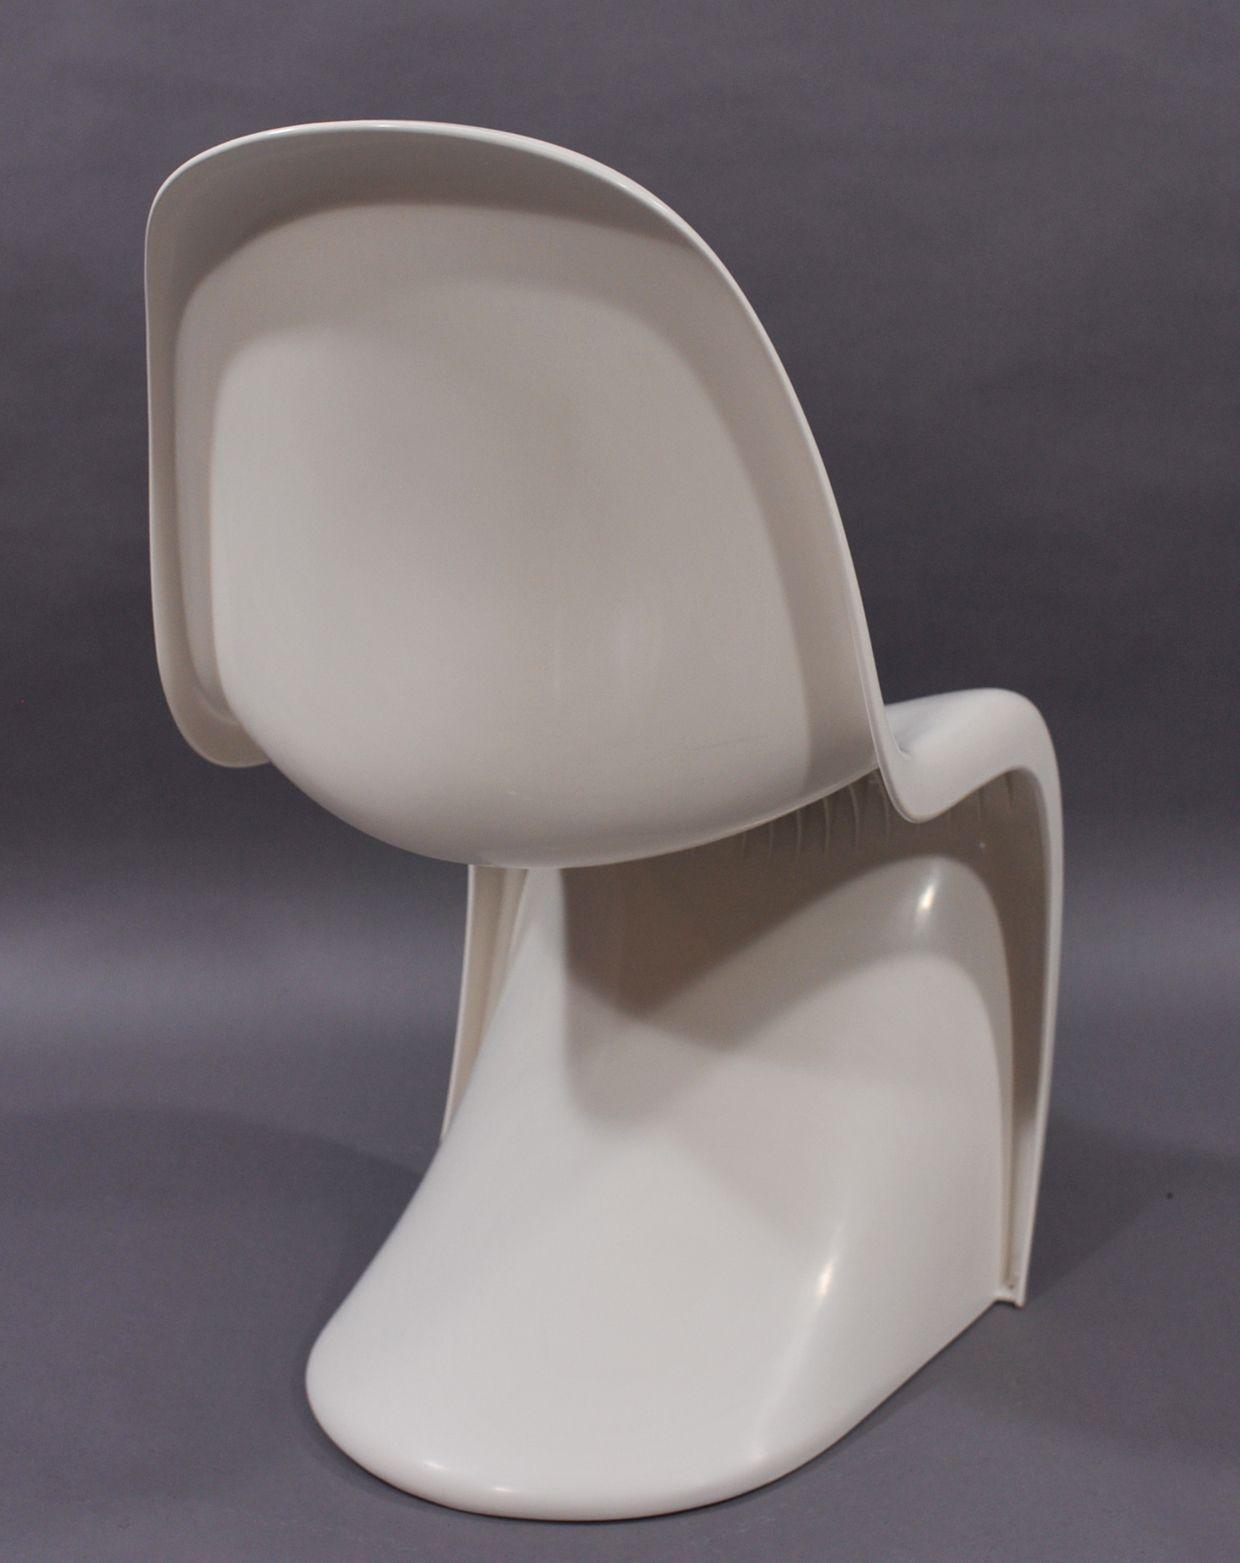 Chaises Modele Sabrina Par Gastone Rinaldi 1960 Lot De 2 Chaise Panton Chaise Laque